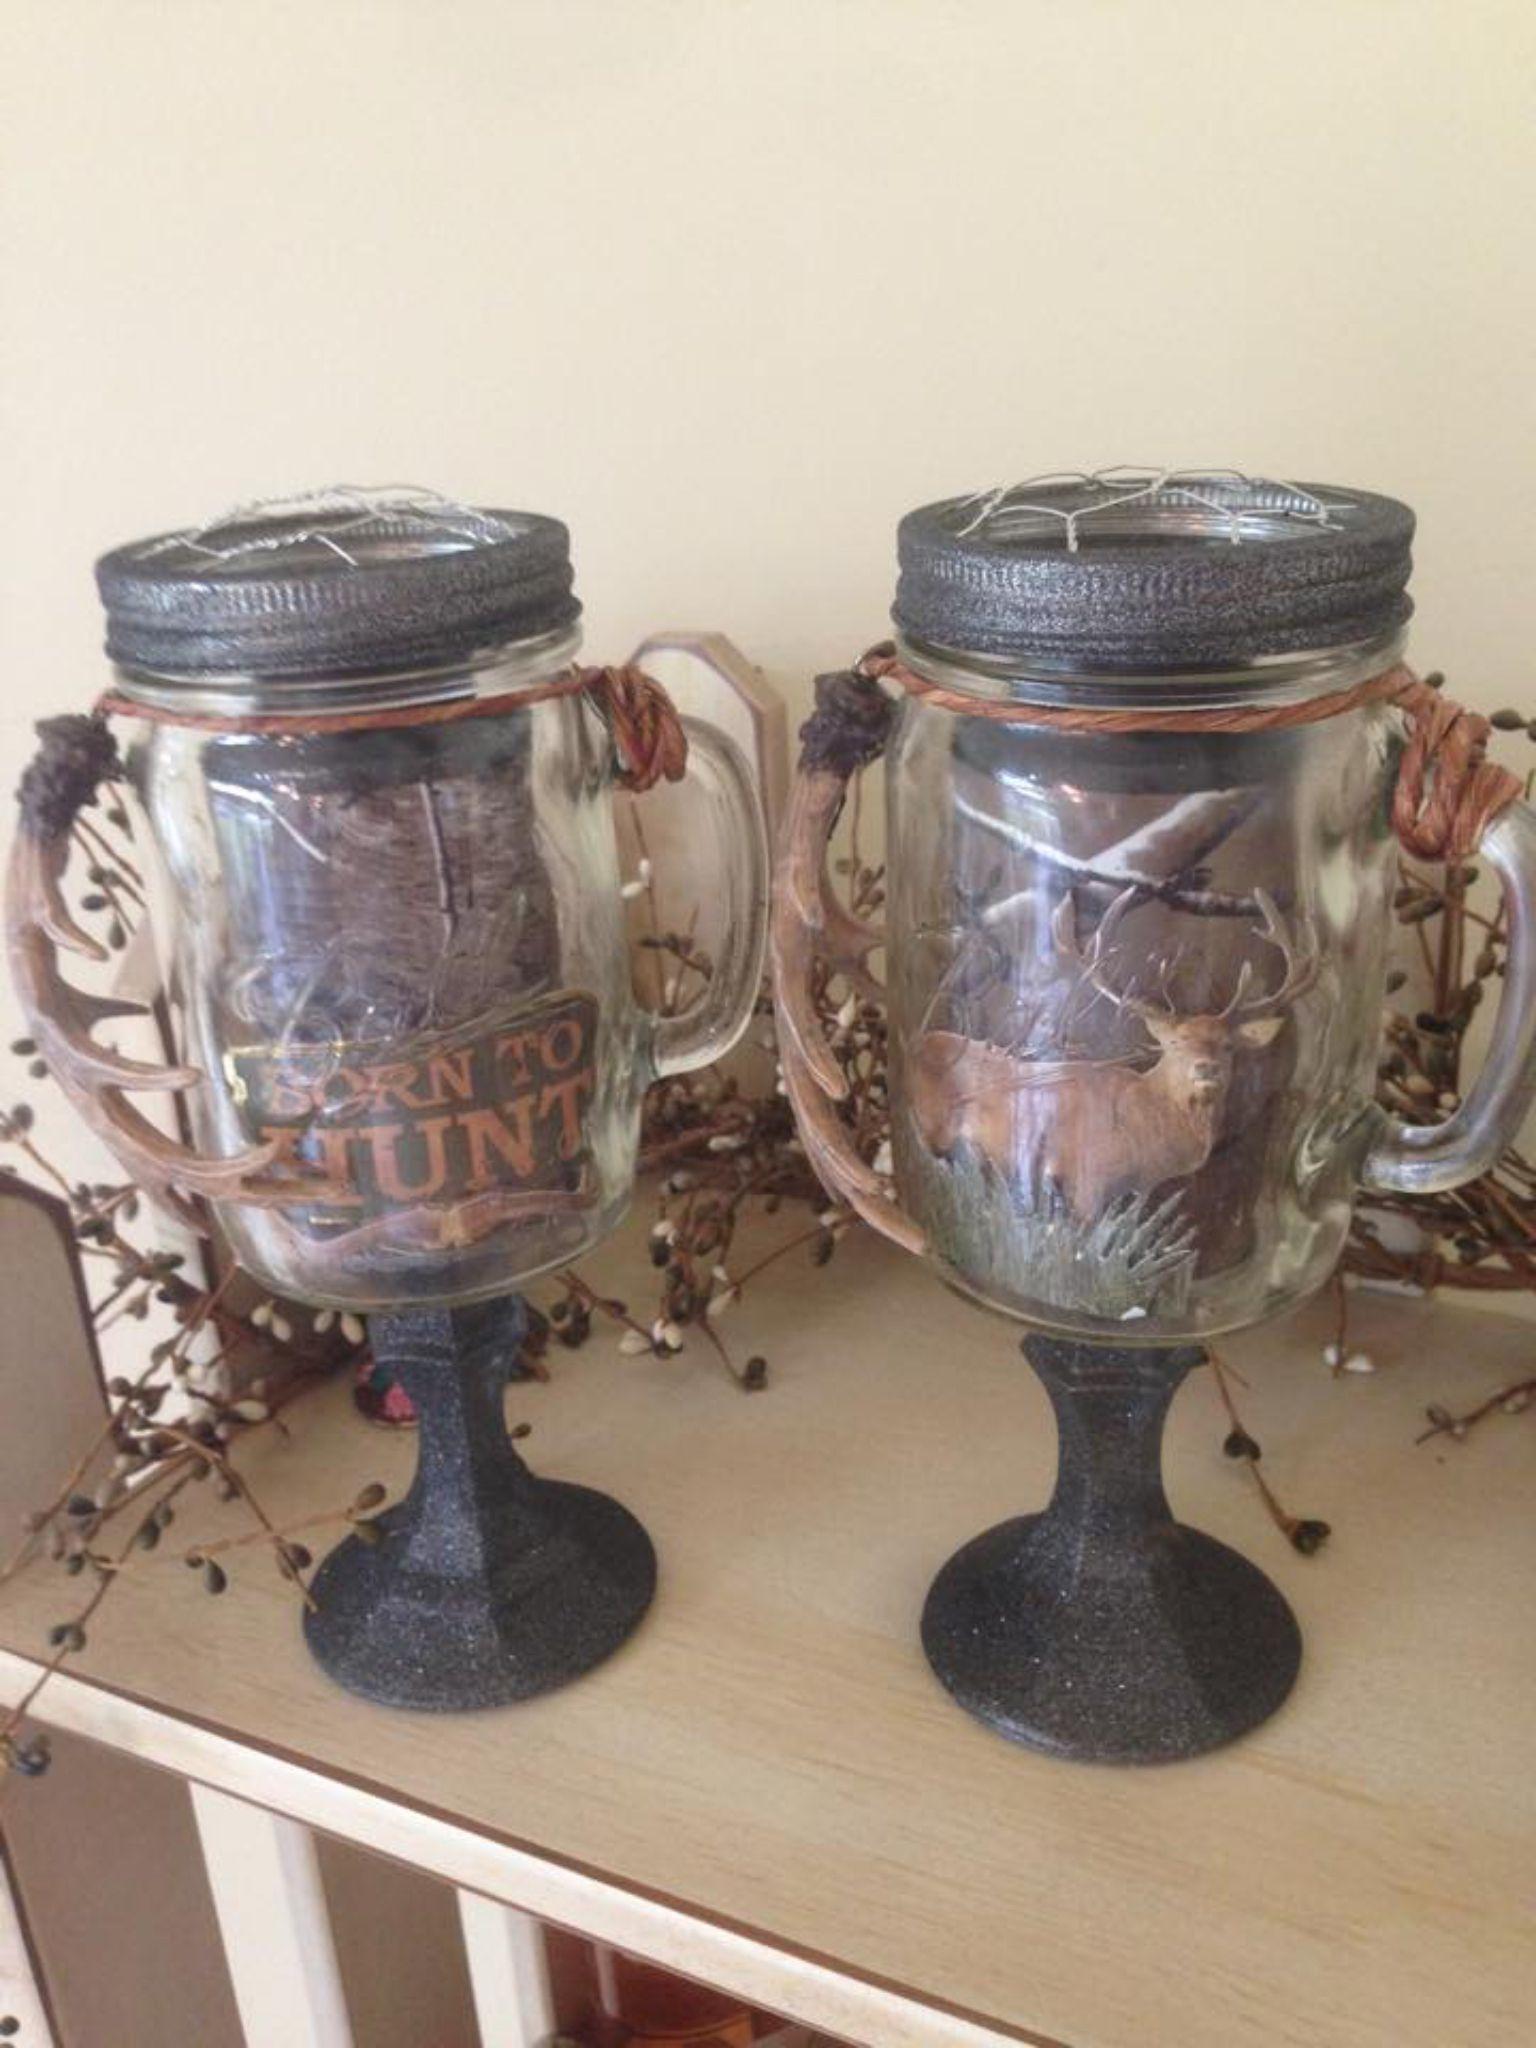 Hunting theme redneck mason jars  https://www.etsy.com/shop/BucksBarnWorks